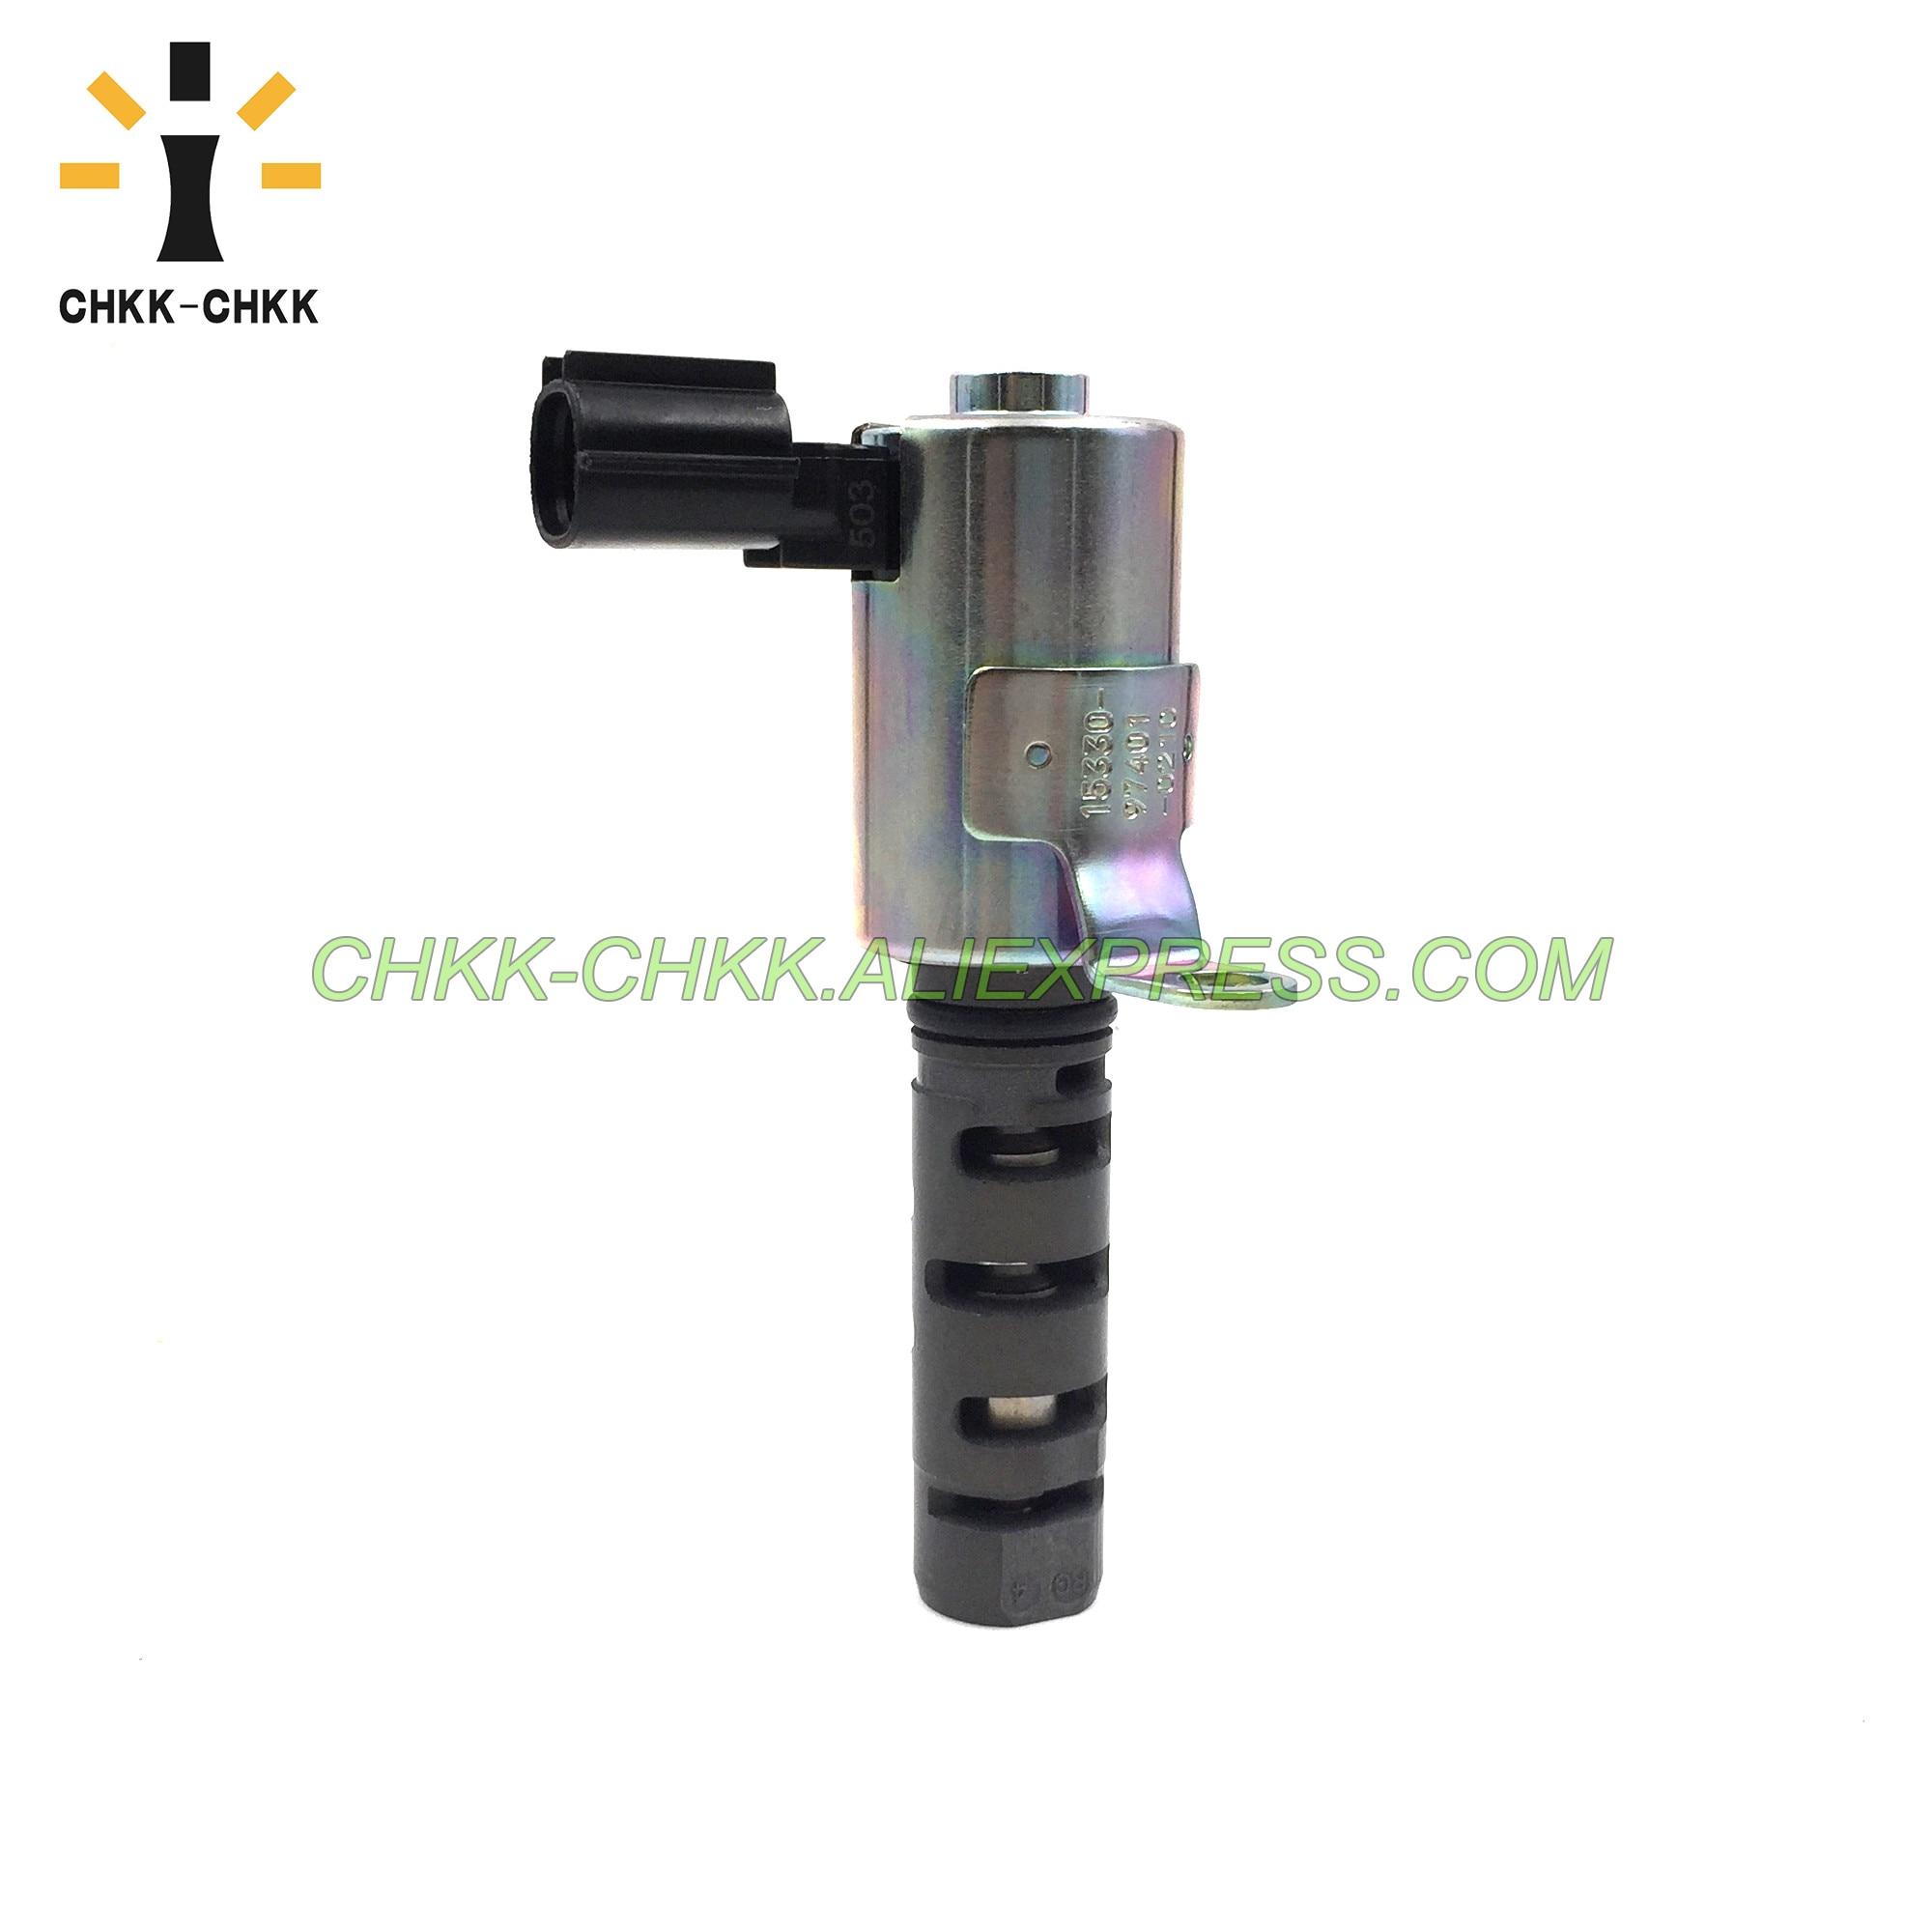 CHKK-CHKK Engine Camshaft Timing Oil Control Valve OEM 15330-97401 for 2000-2003 TOYOTA SPARKY S221E,S231E 1533097401